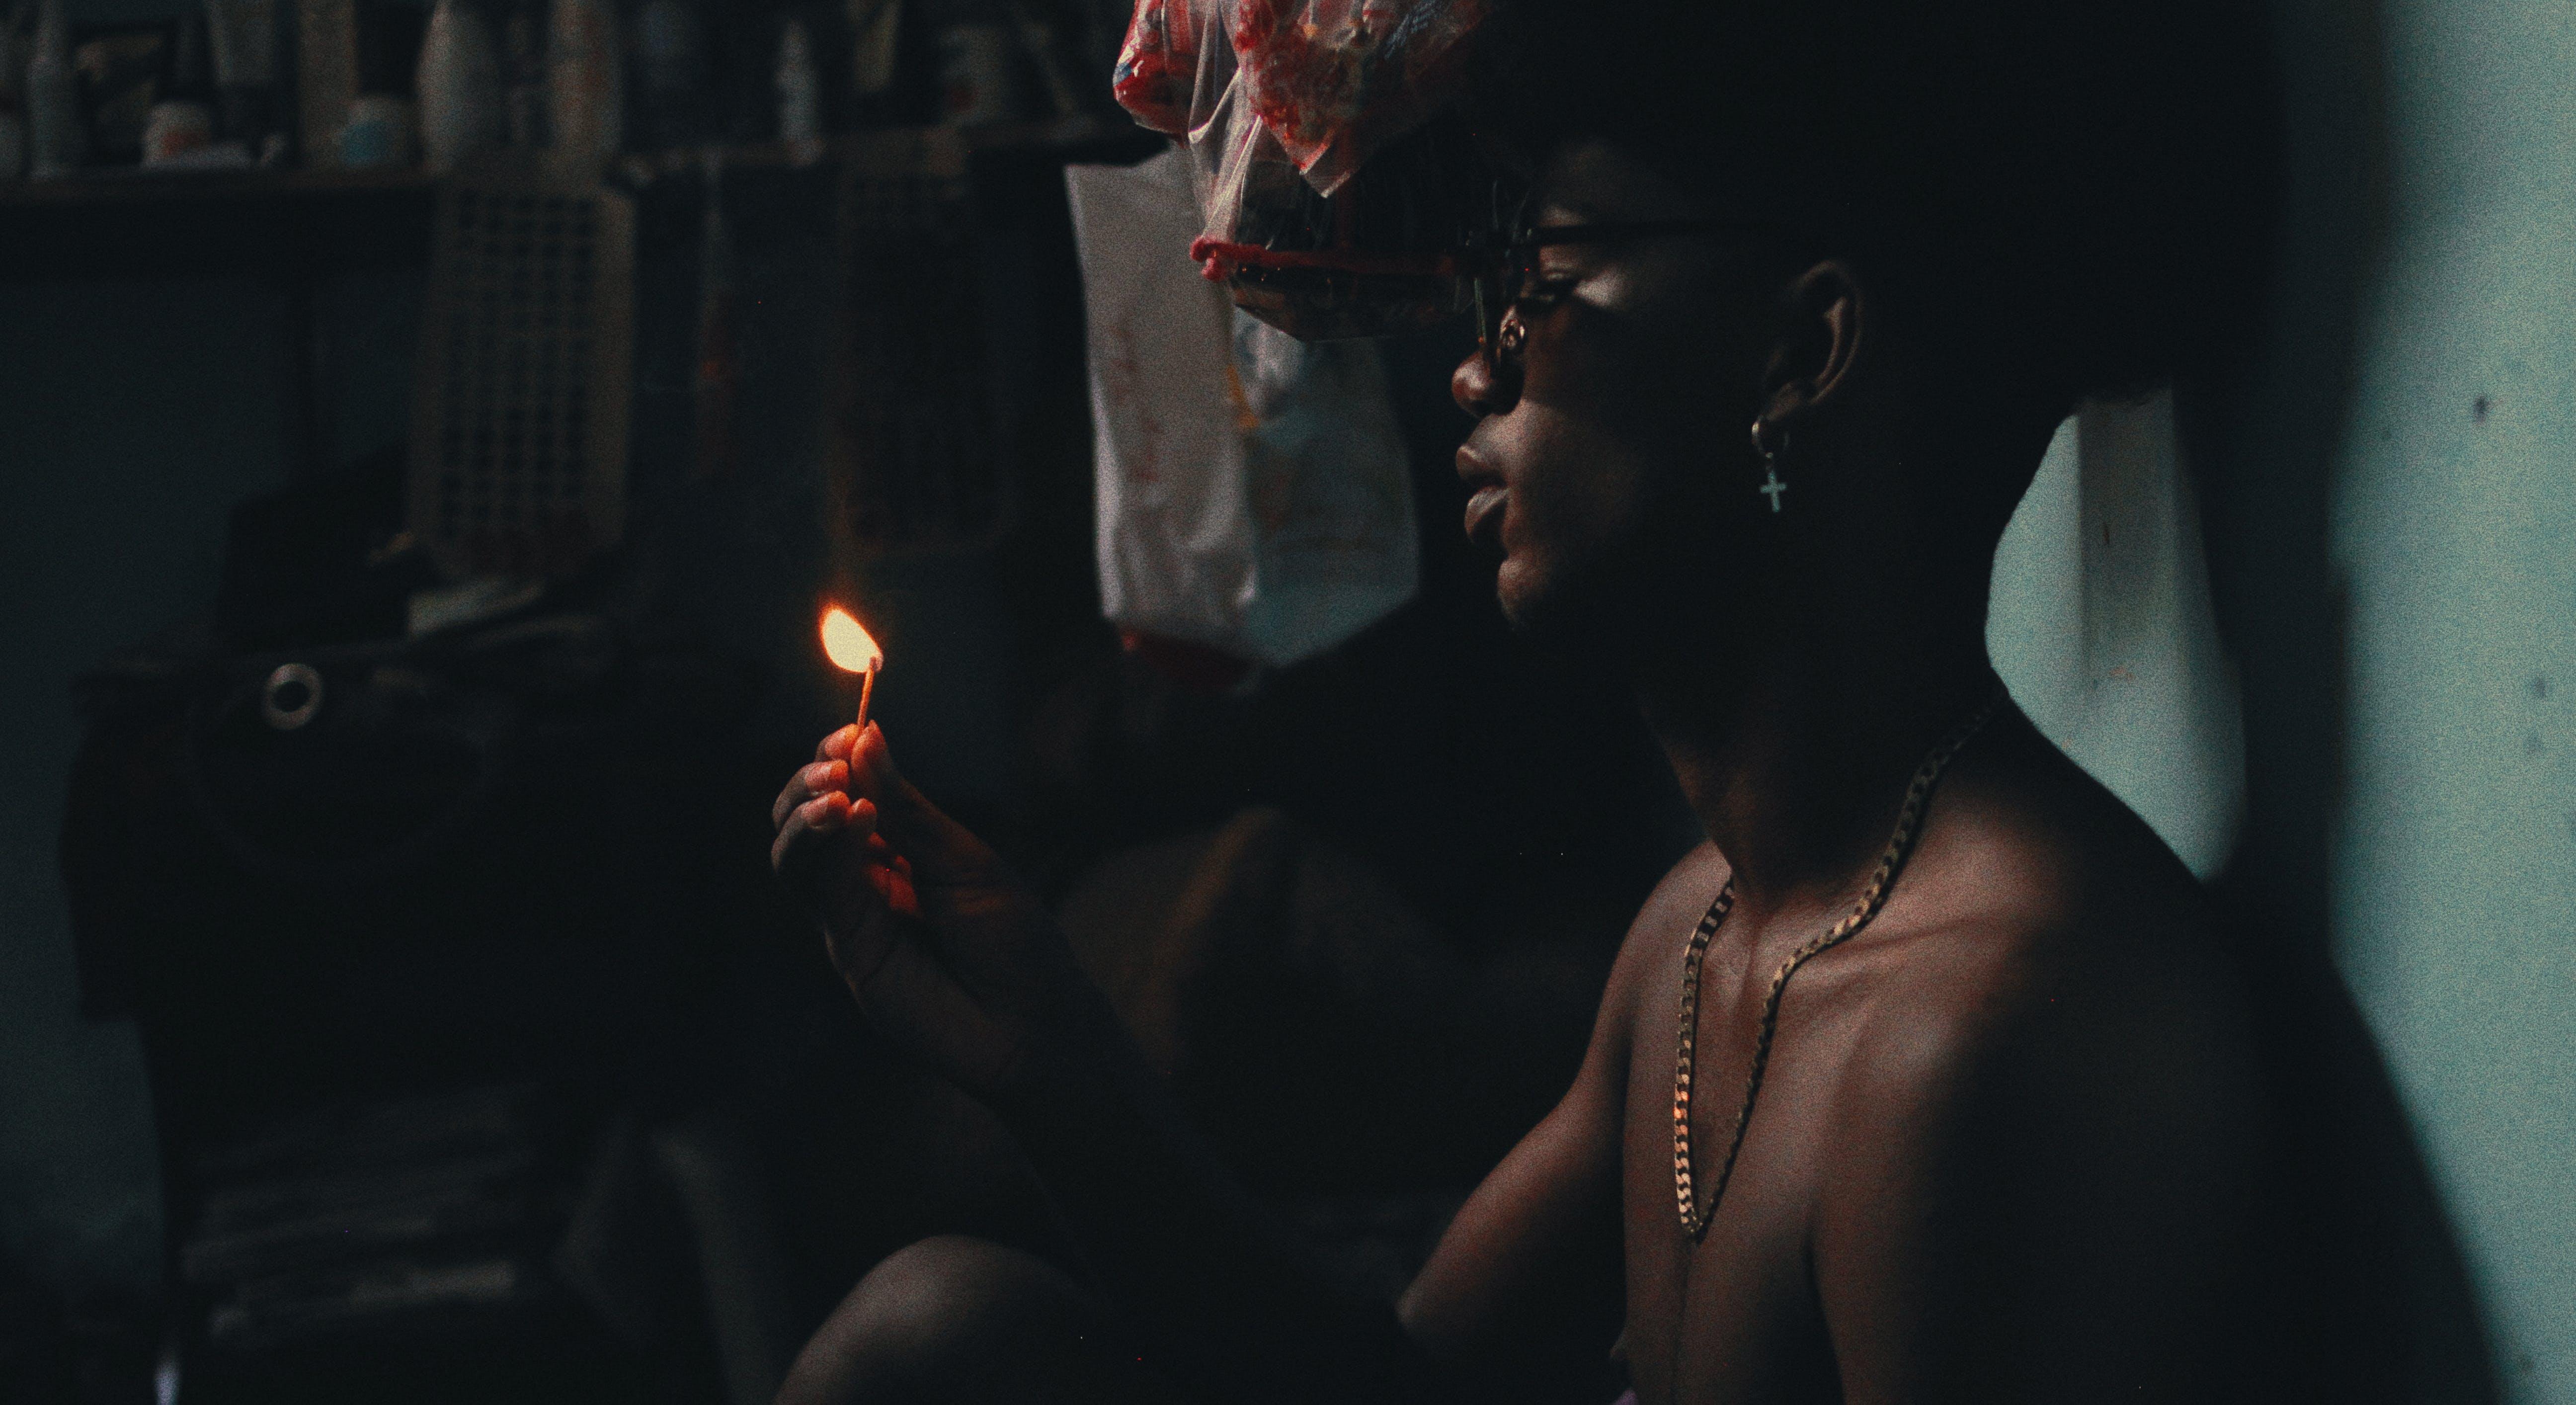 おとこ, ダーク, 人, 火の無料の写真素材